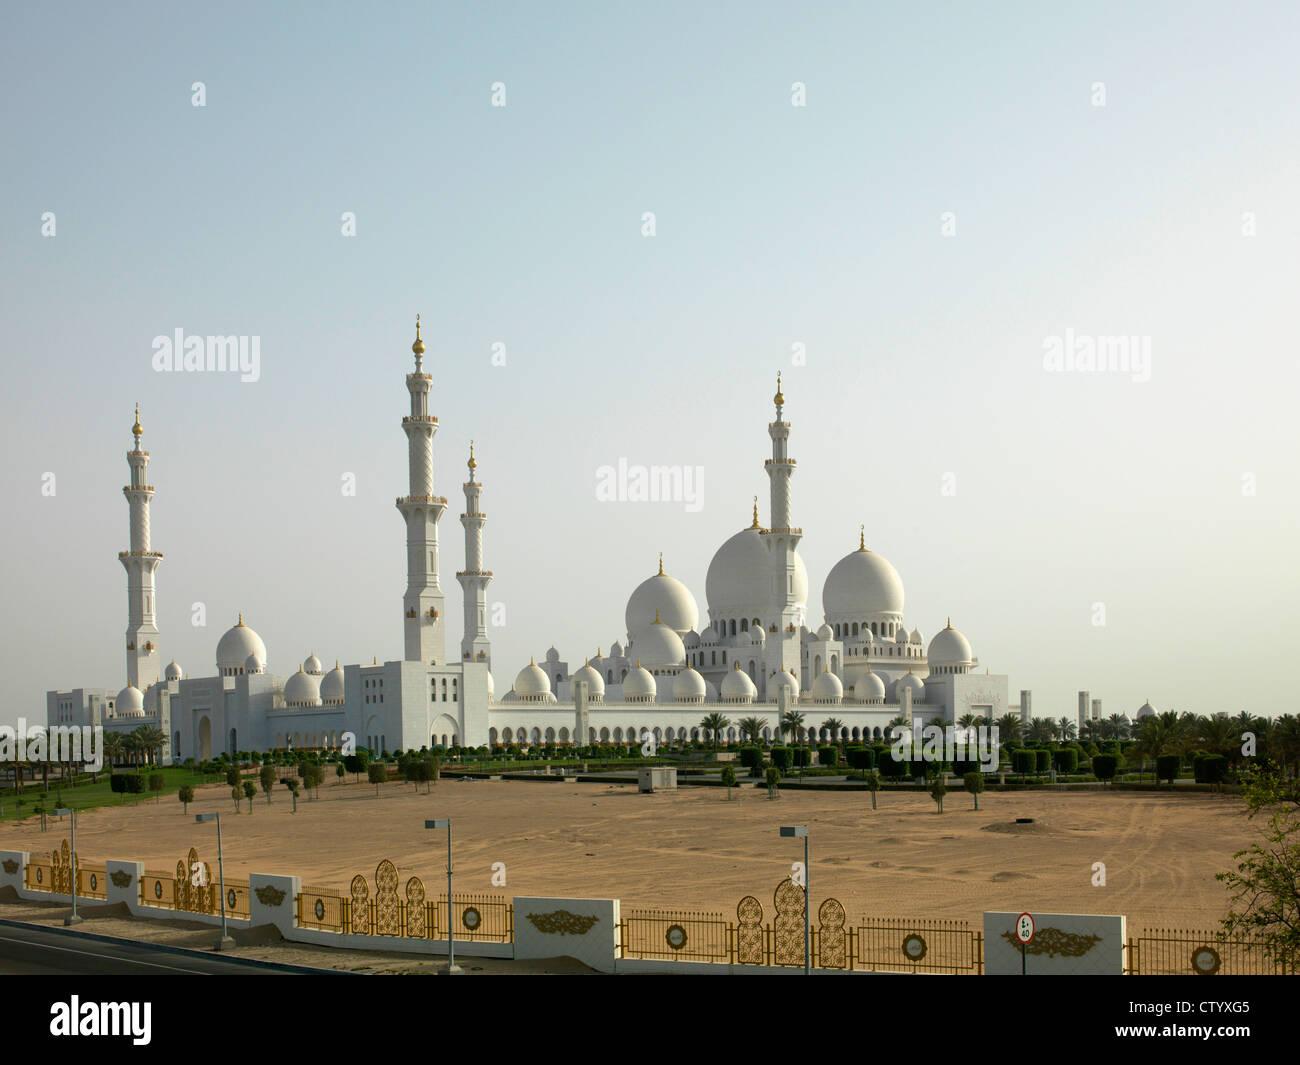 Gran mezquita con cúpulas y torres Imagen De Stock